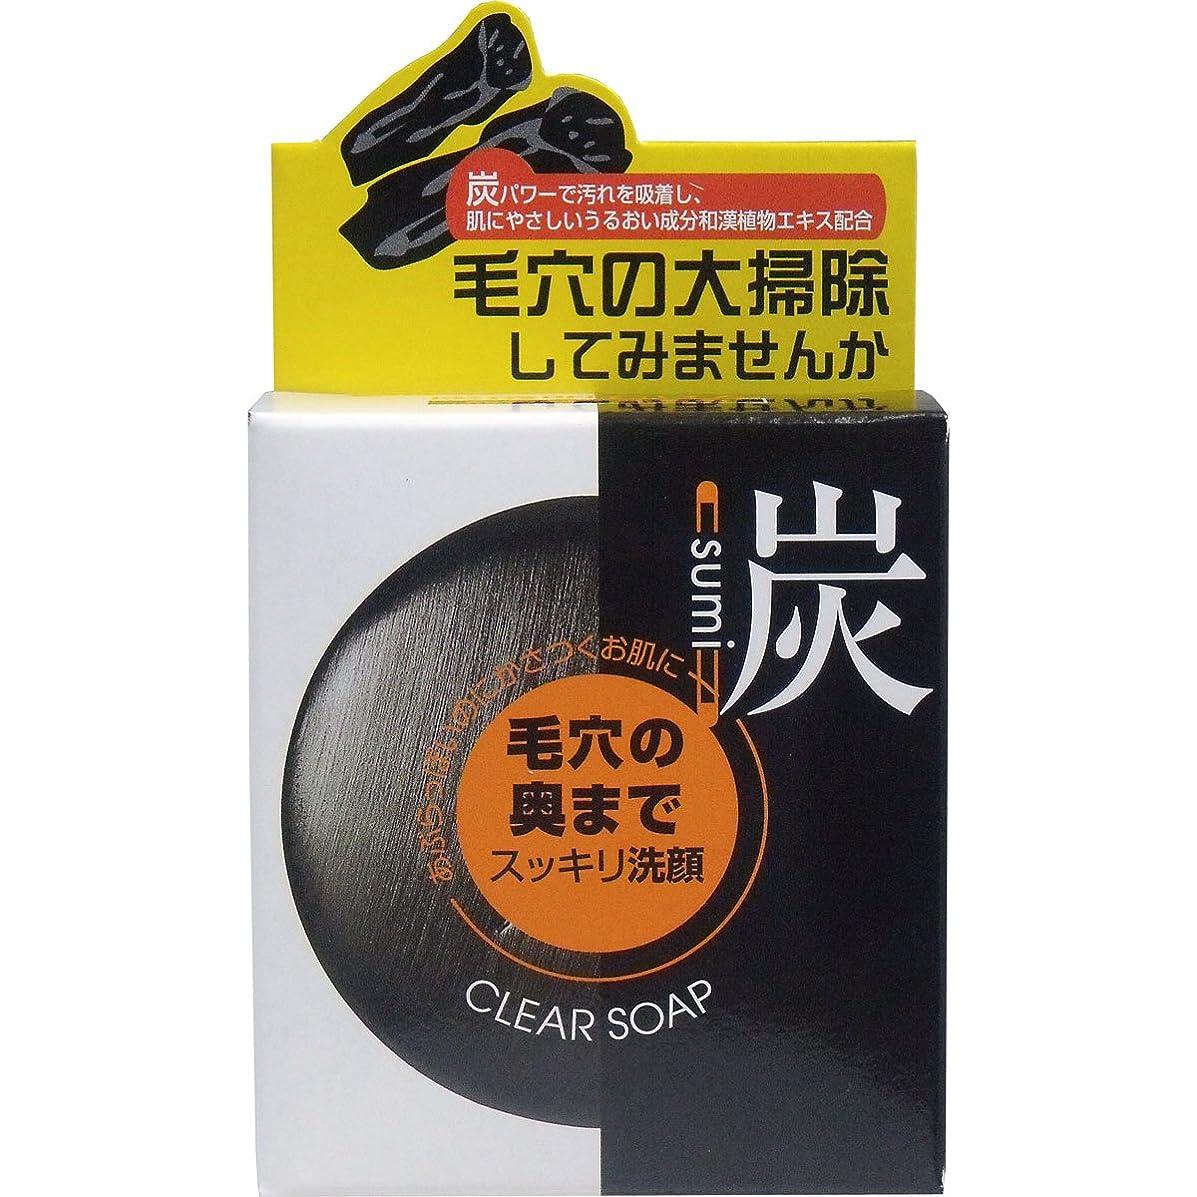 歯車正気より【まとめ買い】ユゼ 炭透明石けん ×2セット